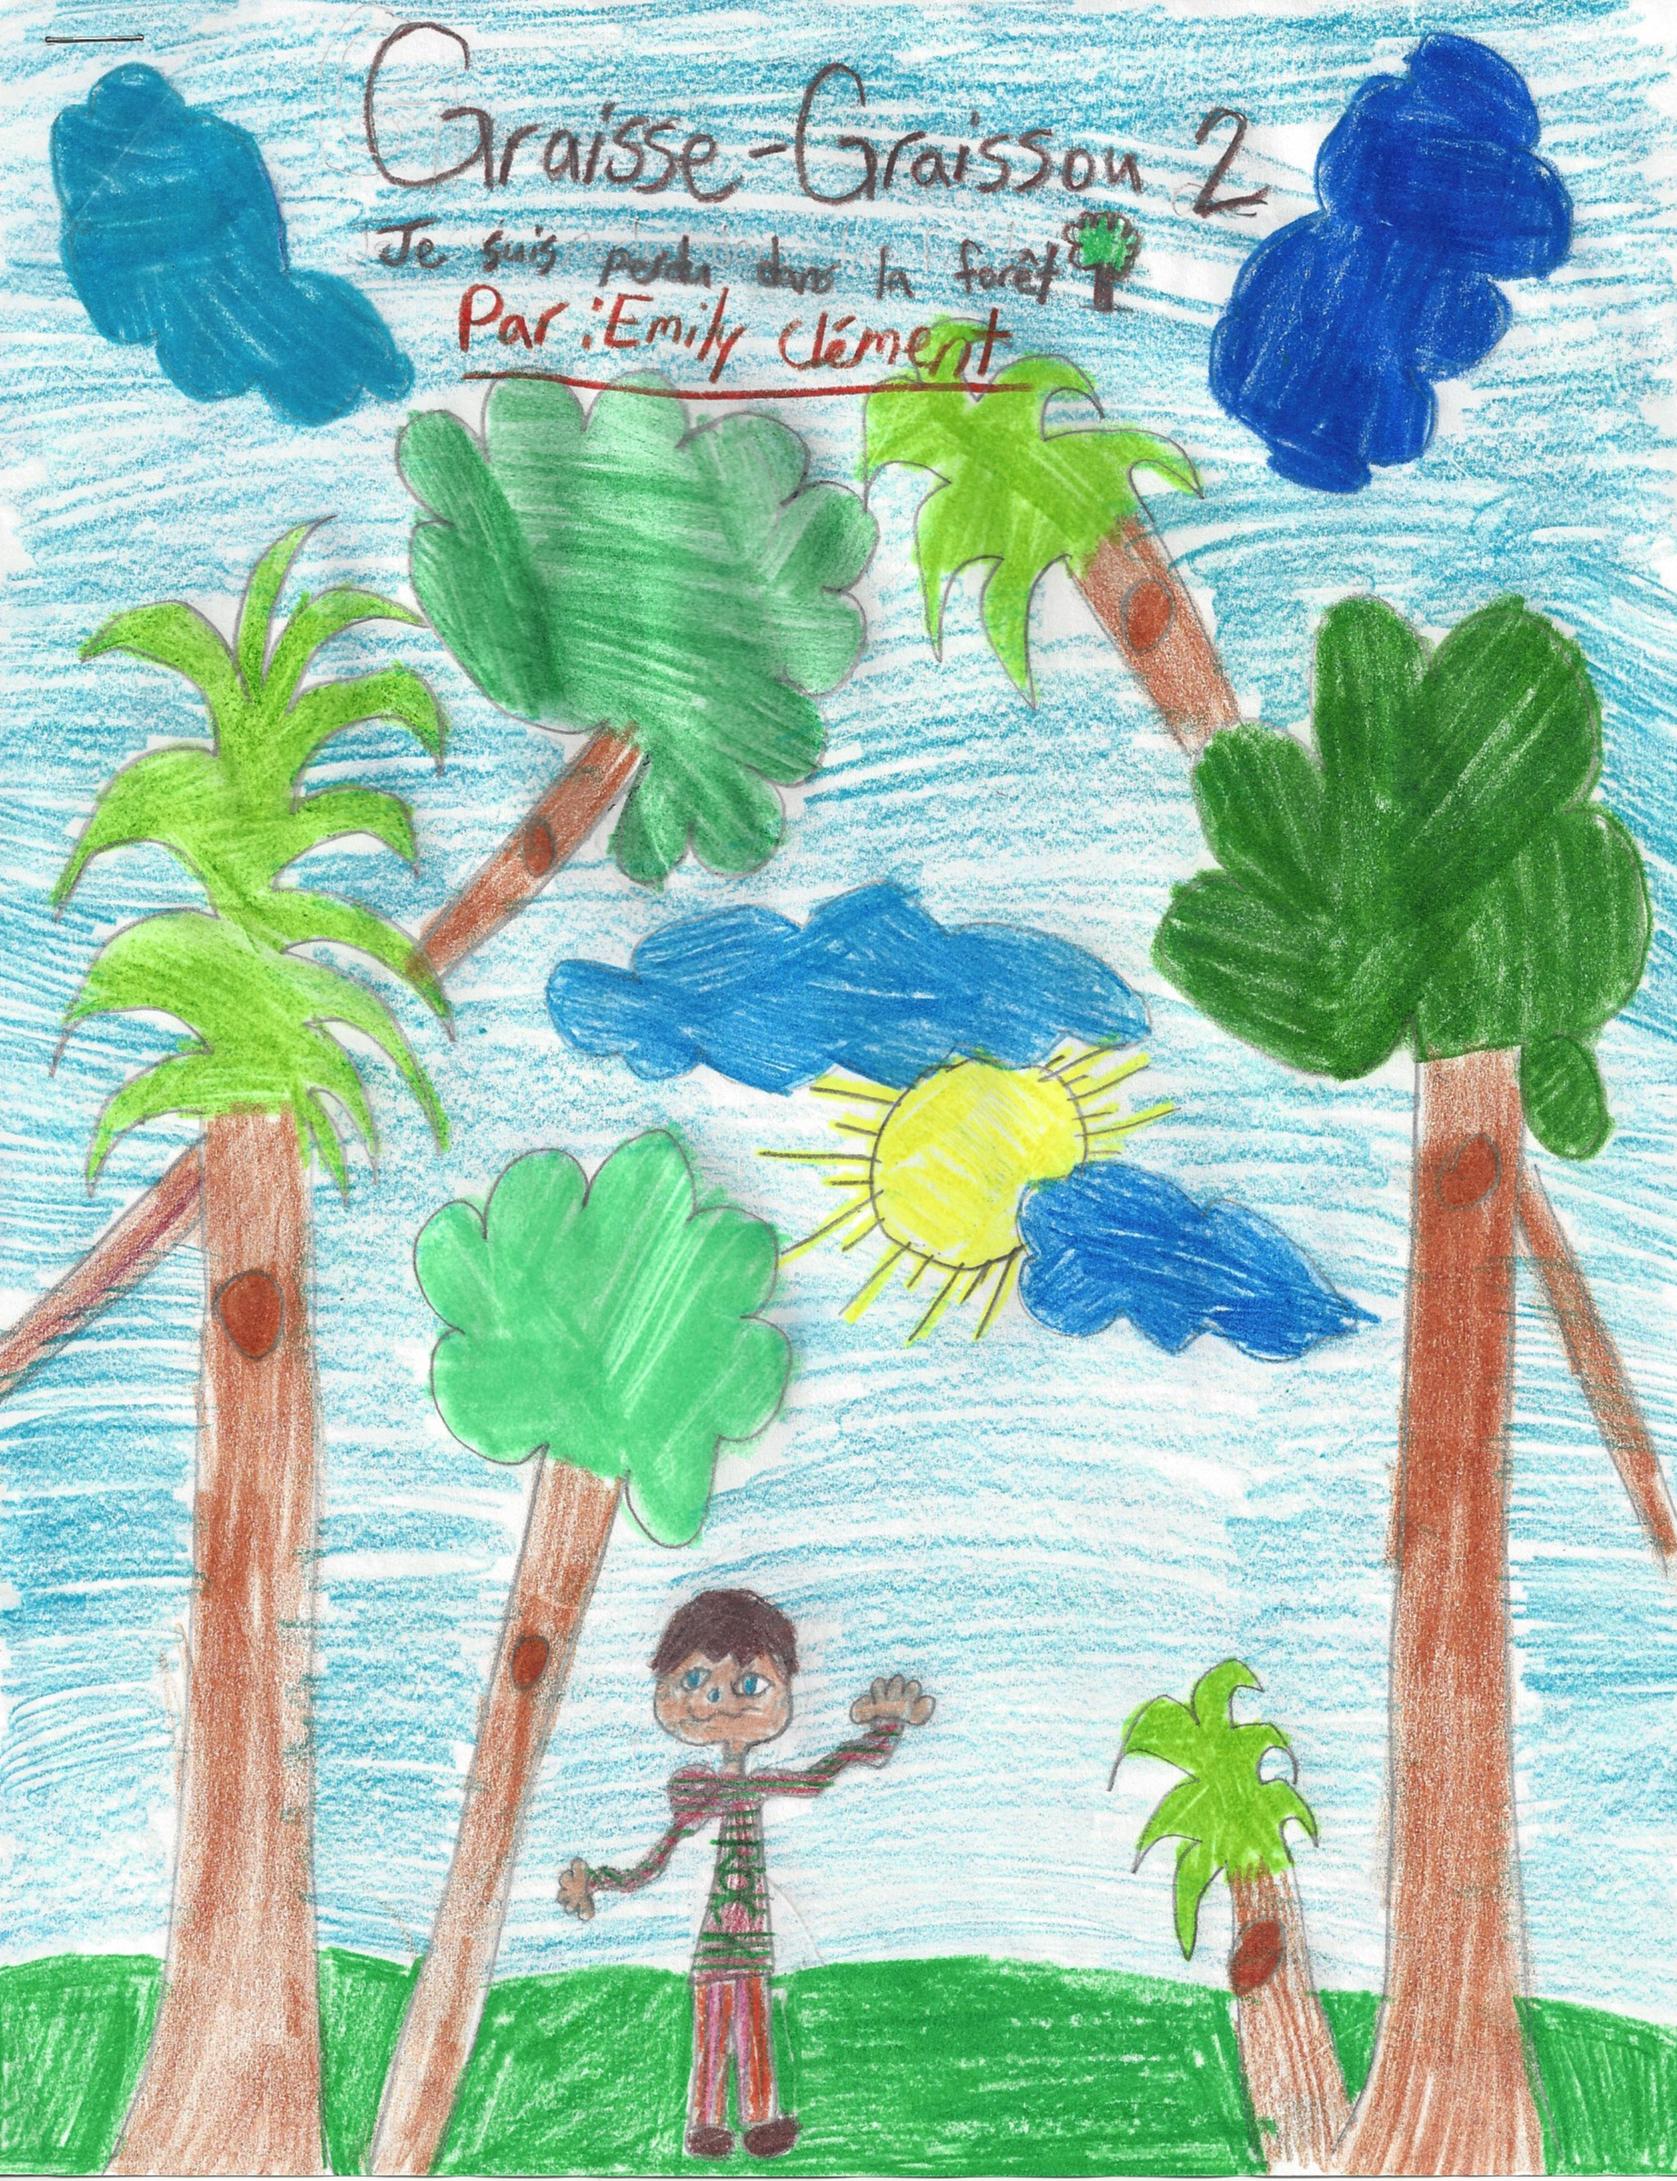 PERDU DANS LA FORÊT, histoire d'Emily Clément -  Graisse-Graissou se trouve une petite amie dans la forêt, mais il se perd en voulant retourner chez lui...